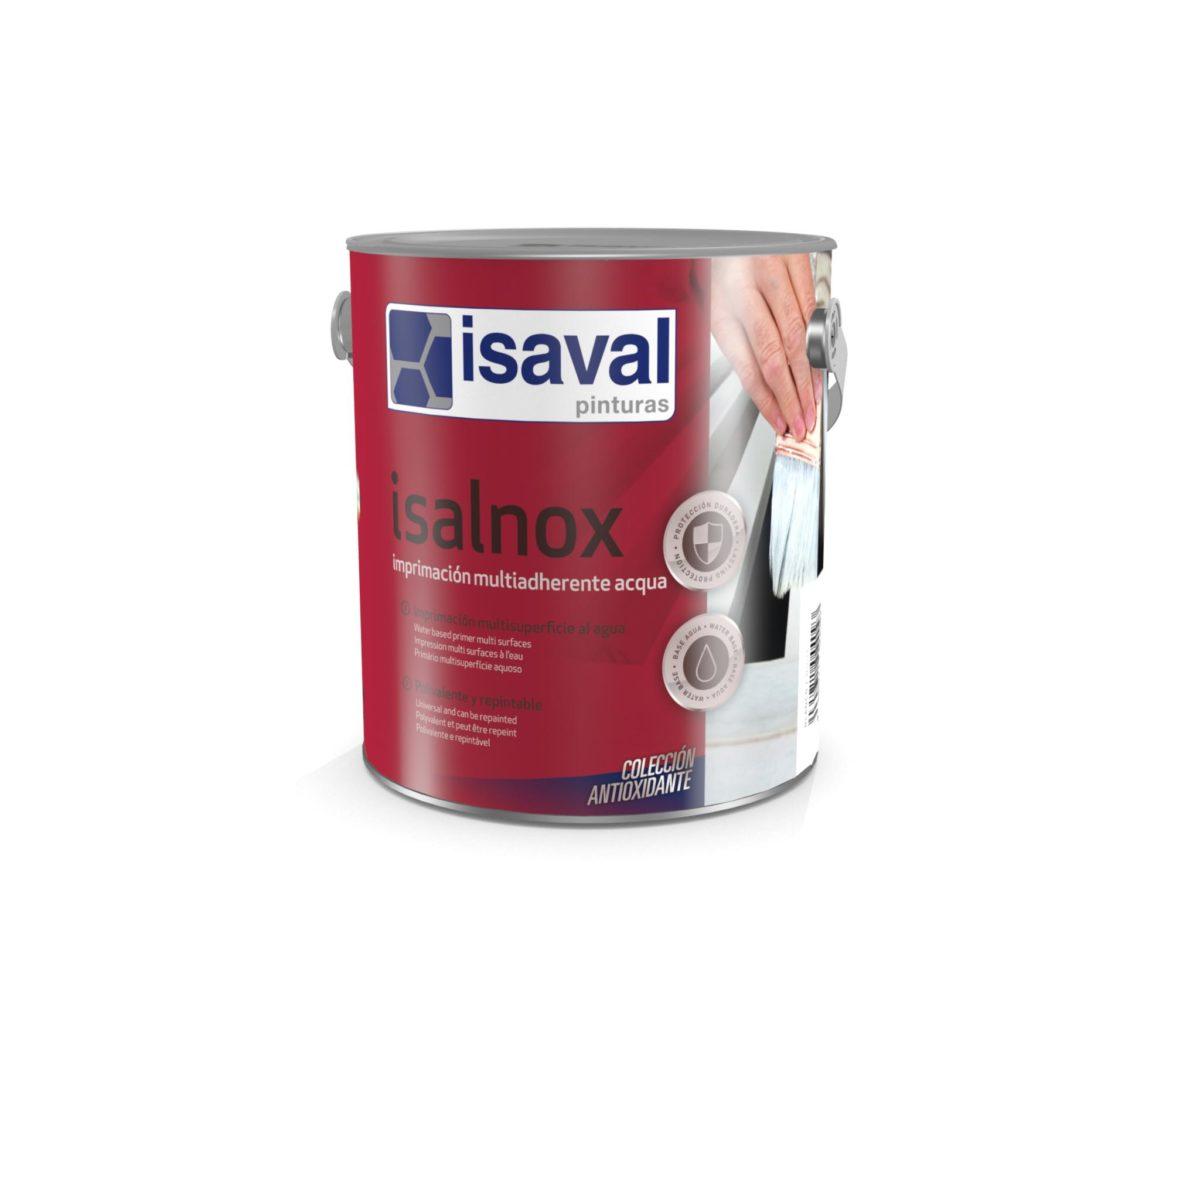 Isalnox Imprimación multiadherente acqua. Imprimación polivalente antioxidante de Pinturas Isaval